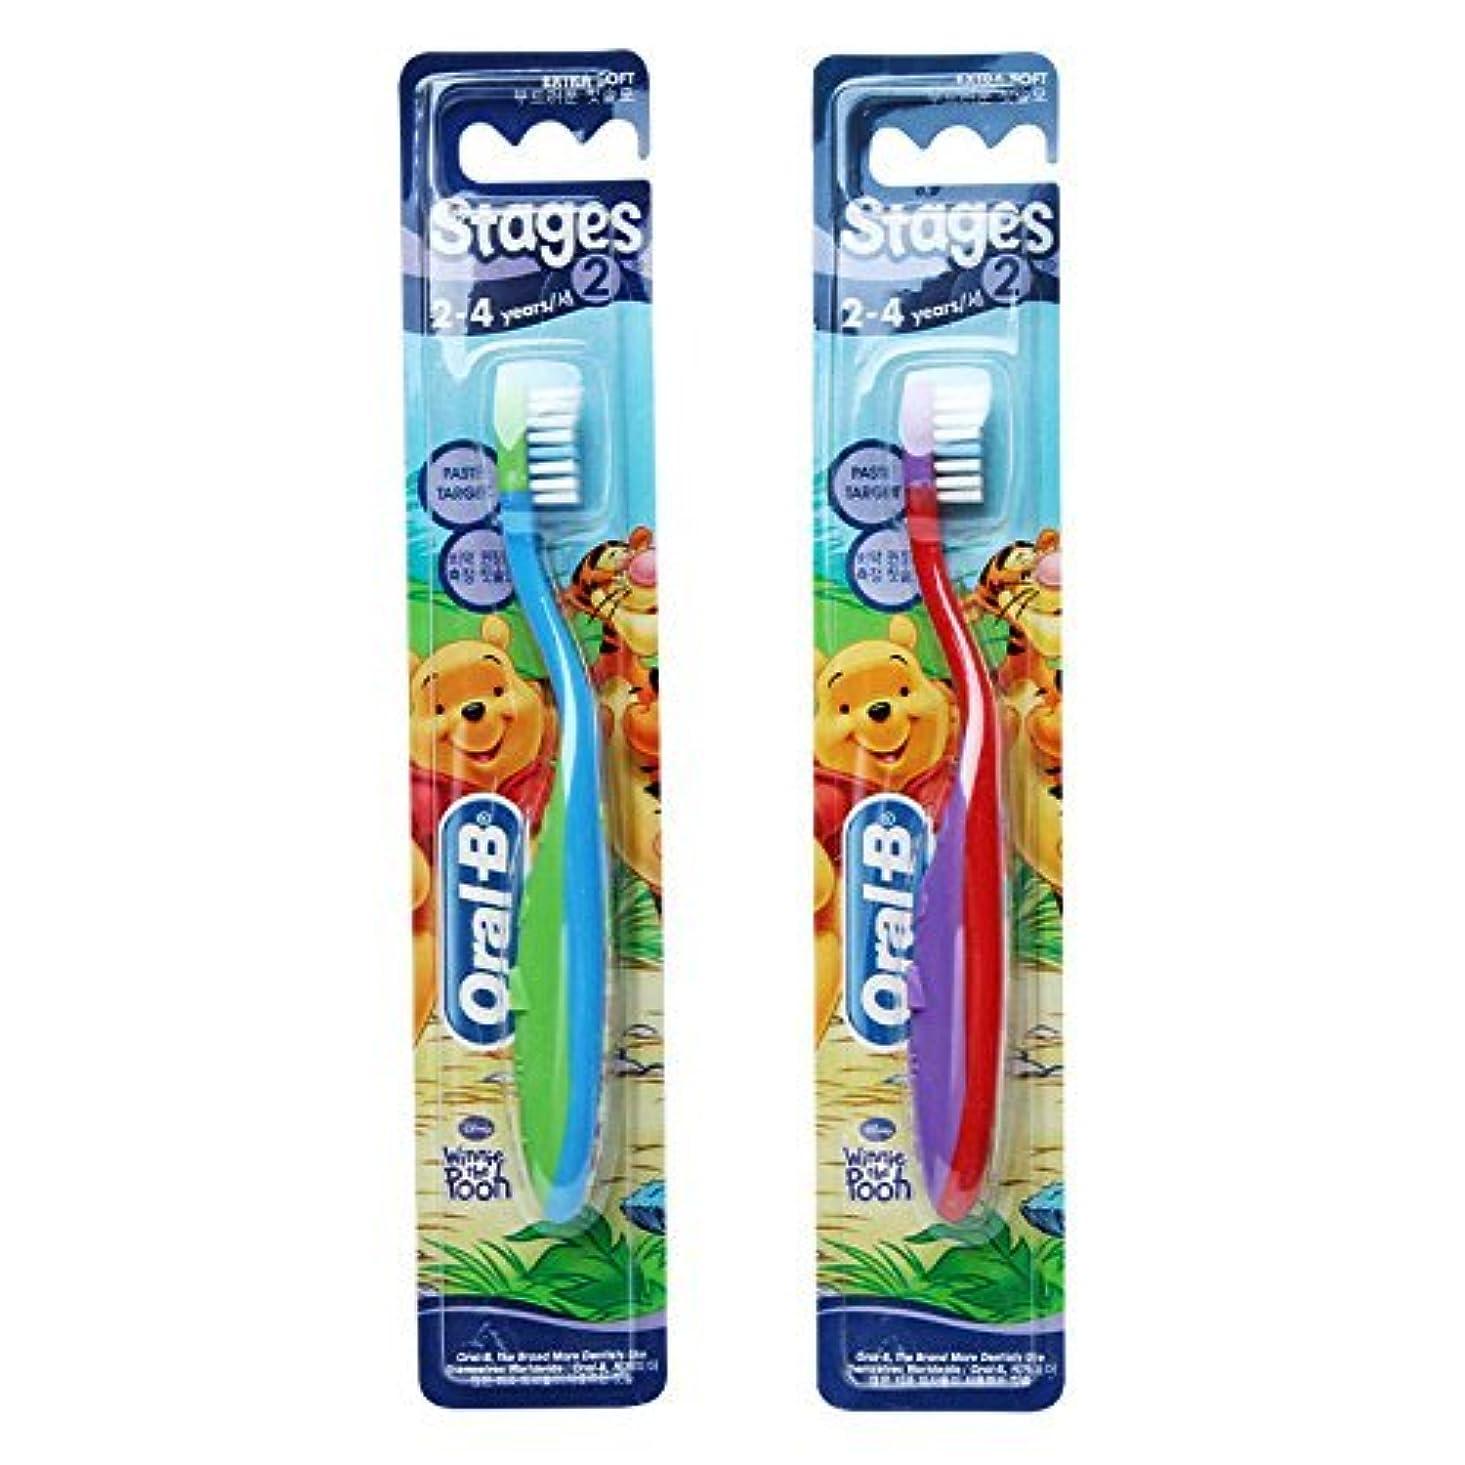 ハードウェアジャンピングジャック次へOral-B Stages 2 Toothbrush 2 - 4 years 2 Pack /GENUINEと元の梱包 [並行輸入品]